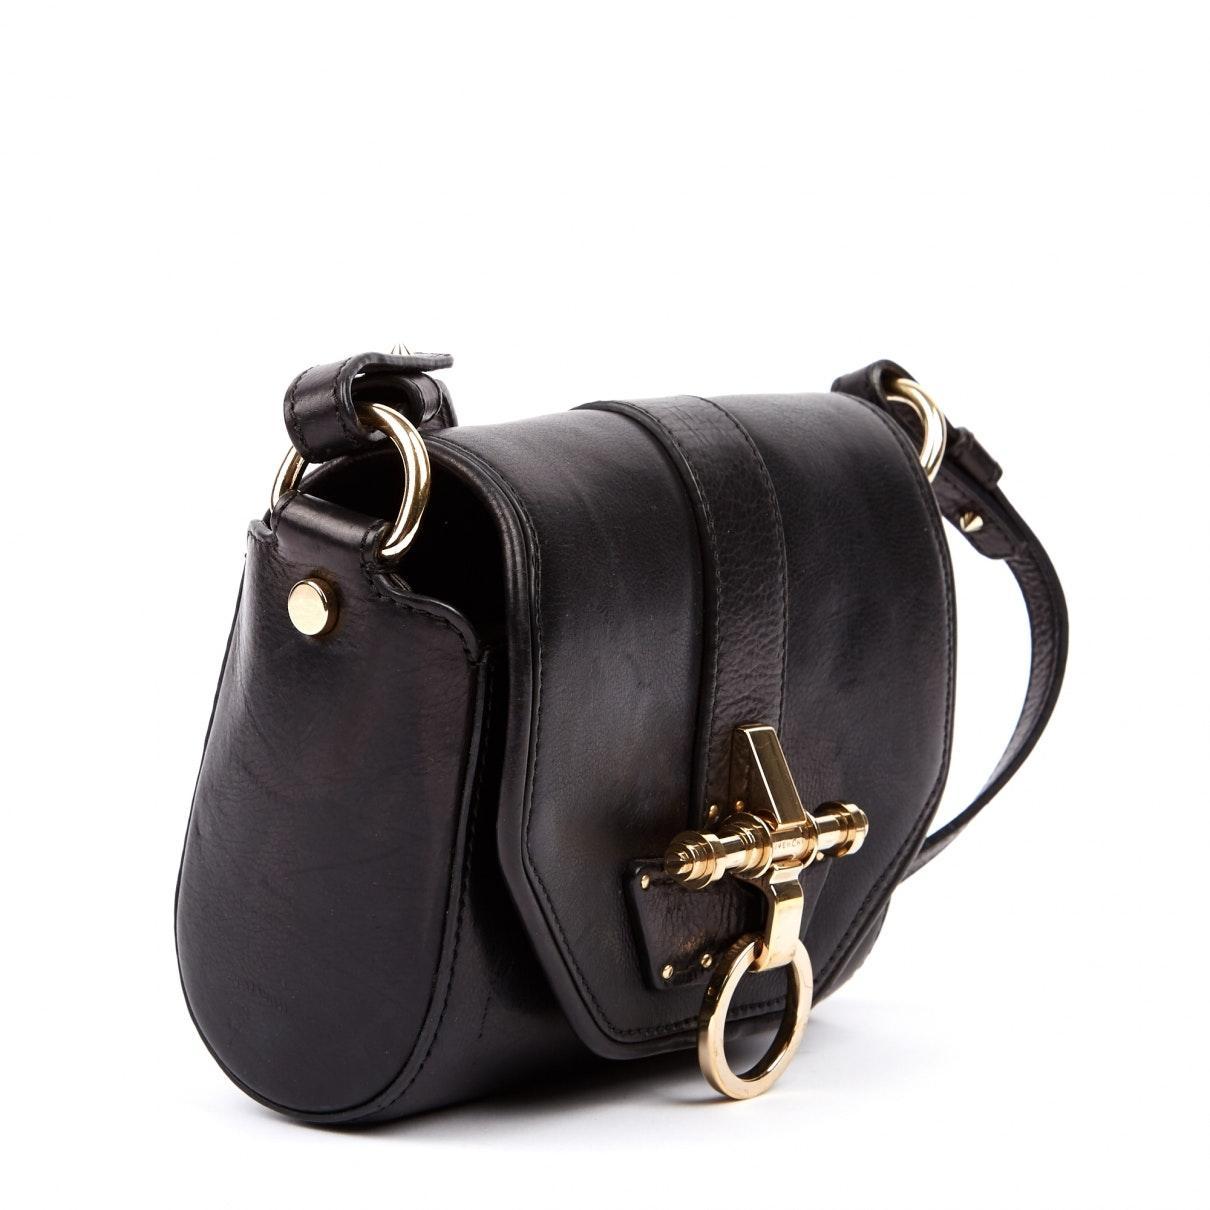 Sac à main Obsedia en Cuir Noir Cuir Givenchy en coloris Noir cfqe